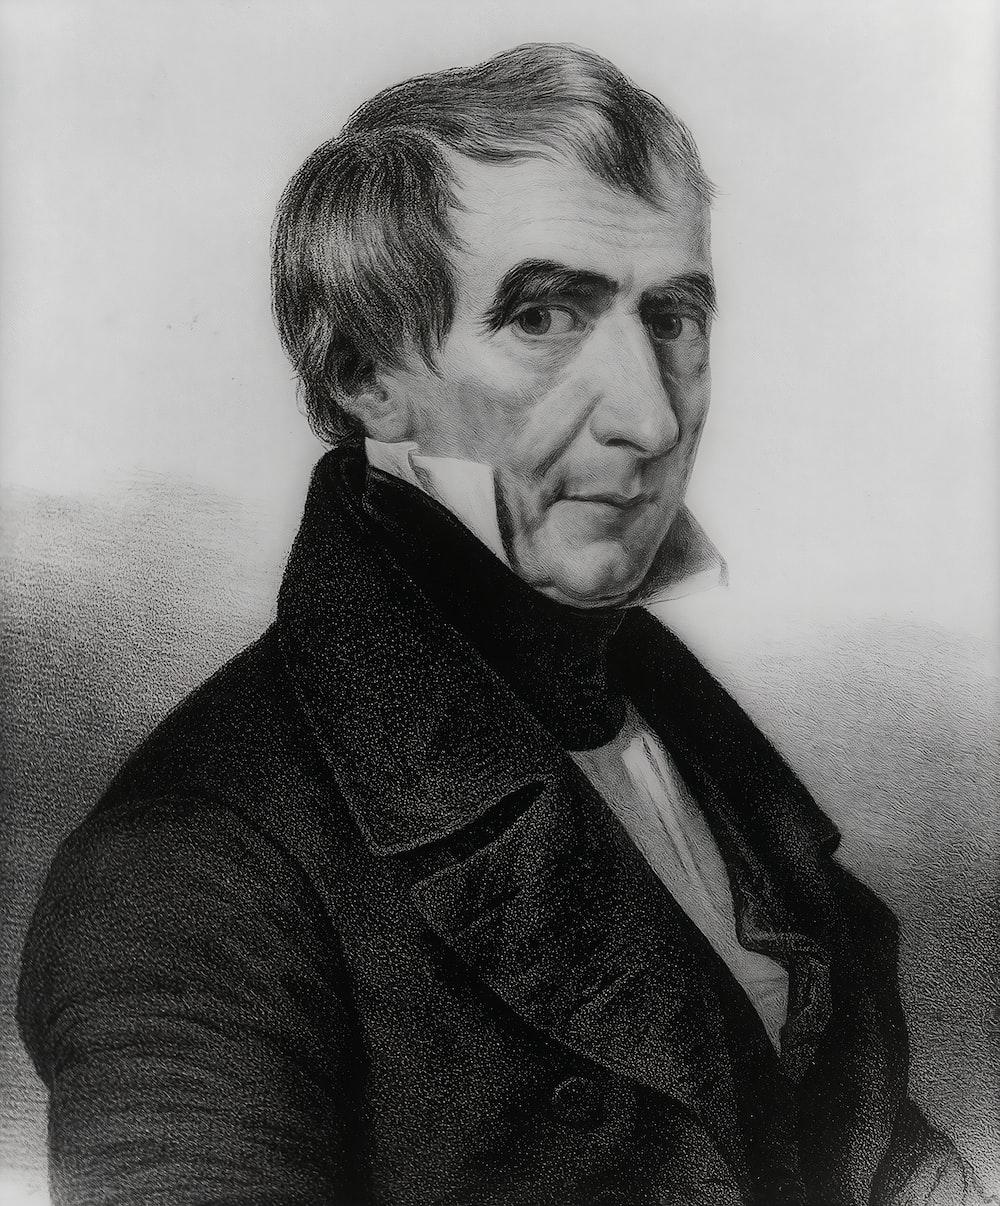 President William Henry Harrison